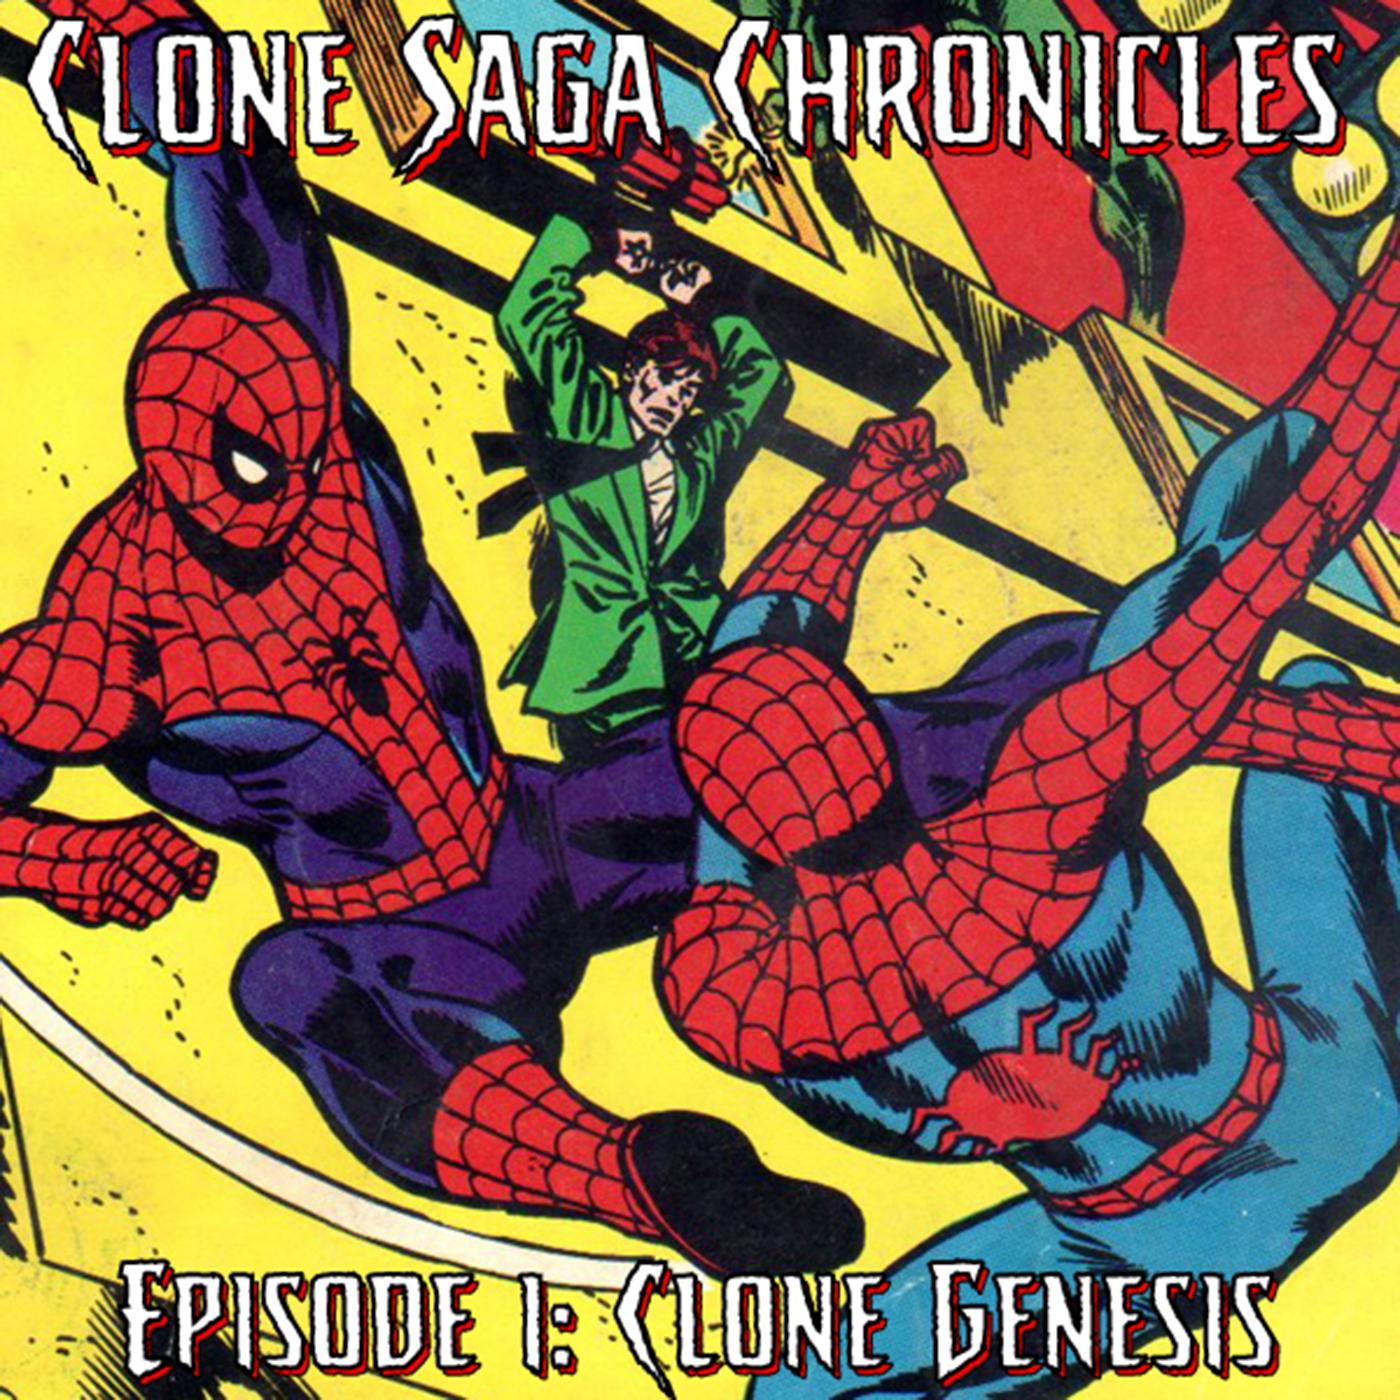 CSC Episode 1: Clone Genesis!